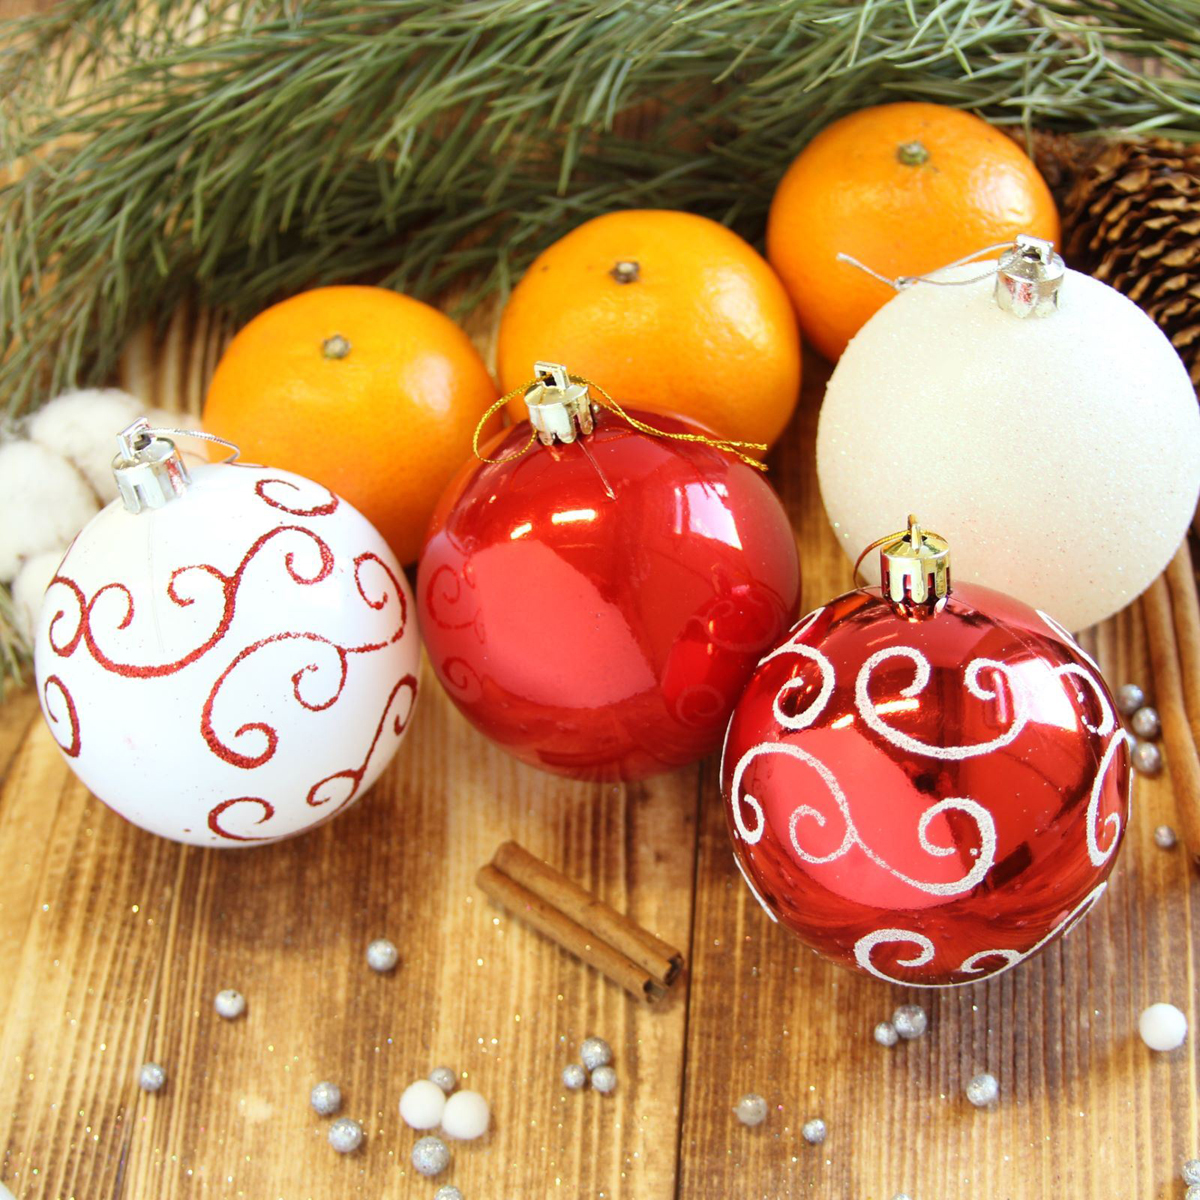 Набор новогодних подвесных украшений Sima-land Узоры, диаметр 7 см, 32 шт2123009Набор новогодних подвесных украшений Sima-land отлично подойдет для декорации вашего дома и новогодней ели. С помощью специальной петельки украшение можно повесить в любом понравившемся вам месте. Но, конечно, удачнее всего оно будет смотреться на праздничной елке. Елочная игрушка - символ Нового года. Она несет в себе волшебство и красоту праздника. Создайте в своем доме атмосферу веселья и радости, украшая новогоднюю елку нарядными игрушками, которые будут из года в год накапливать теплоту воспоминаний.